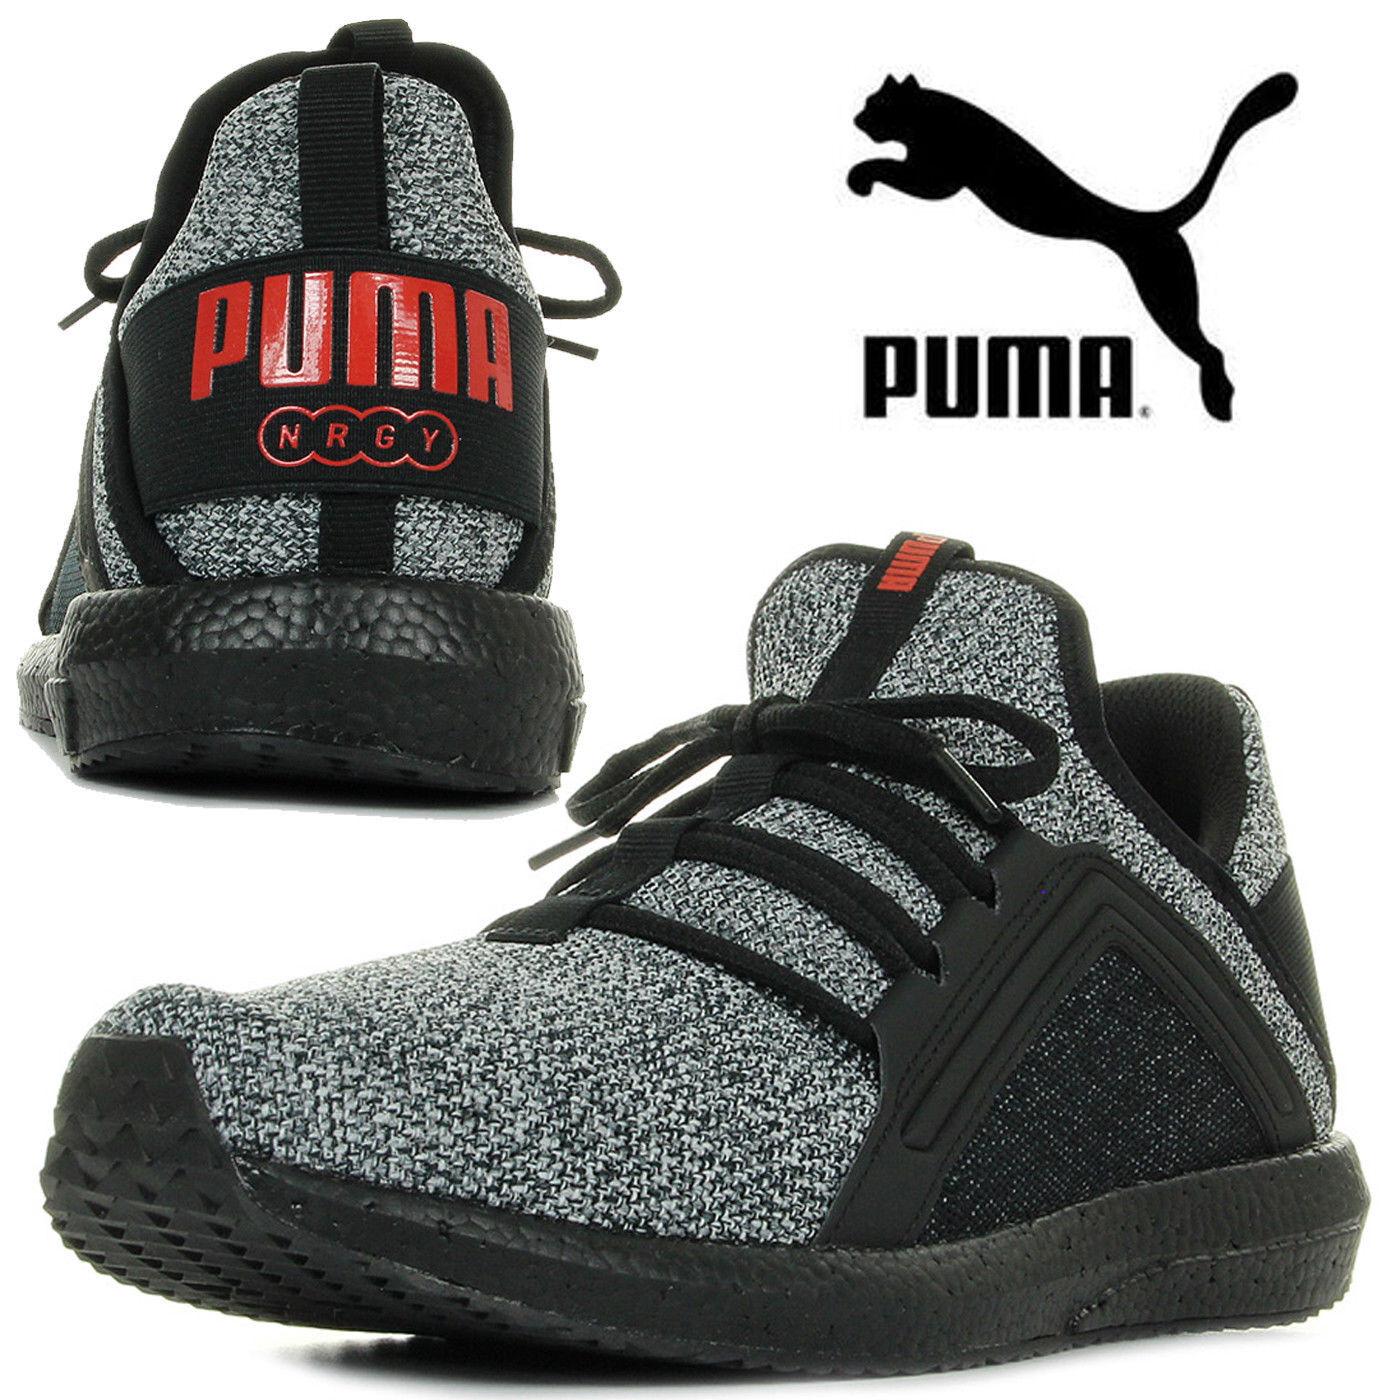 PUMA Jogging homme Trainers MEGA NRGY Knit Sports fonctionnement Baskets Jogging PUMA  Gris  noir 675427